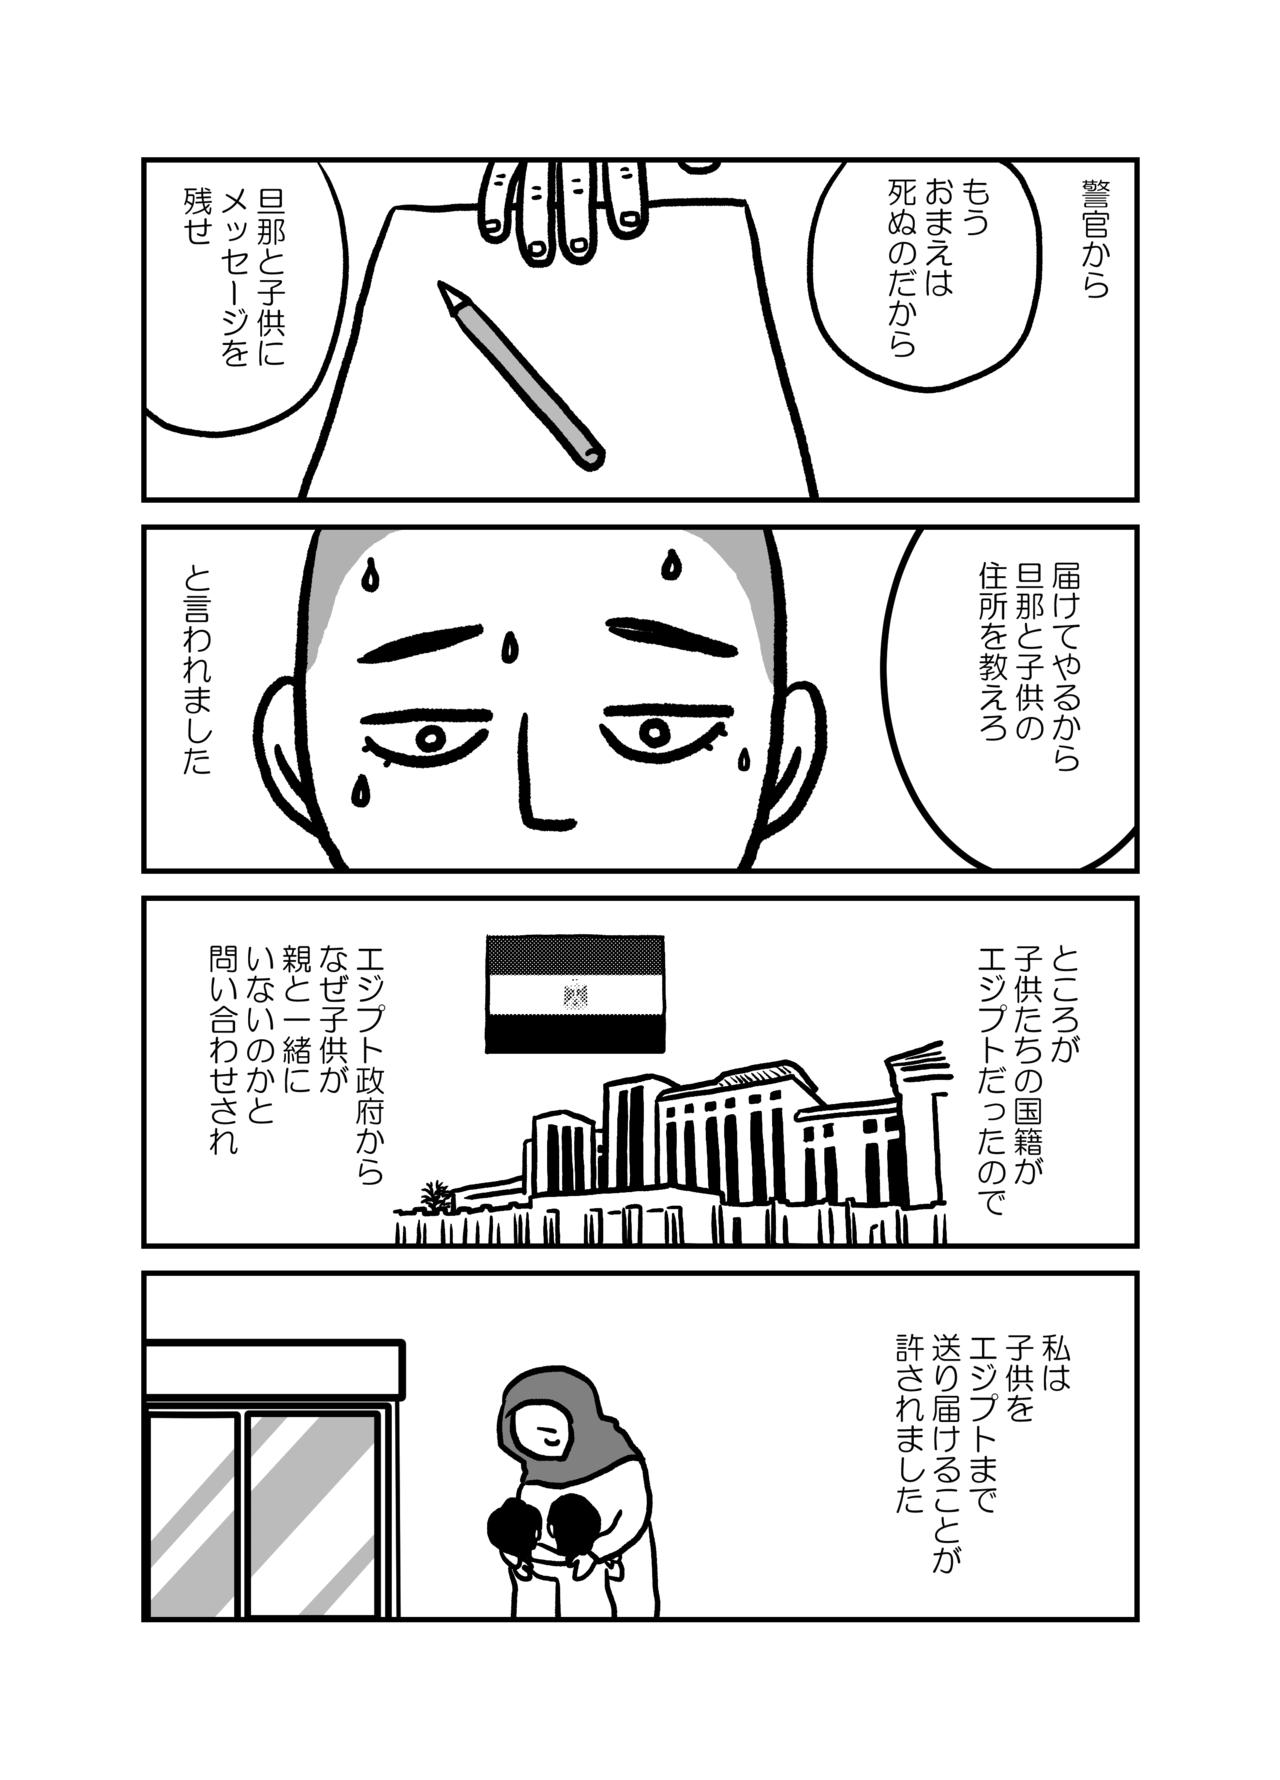 証言集会マンガ11